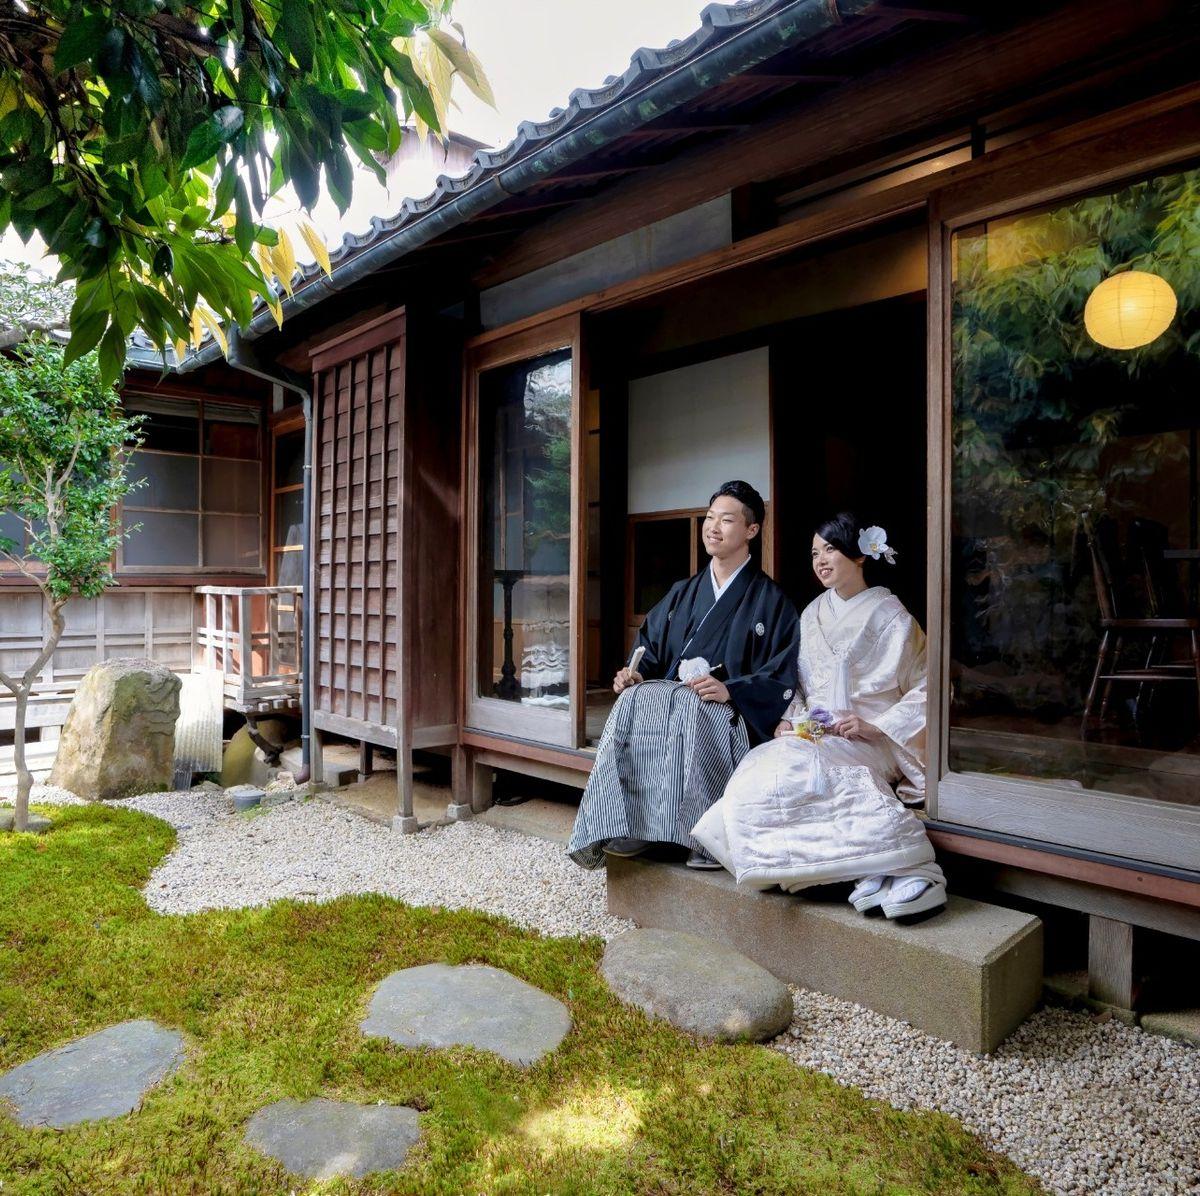 篠山城下町ホテル NIPPONIAの公式写真1枚目